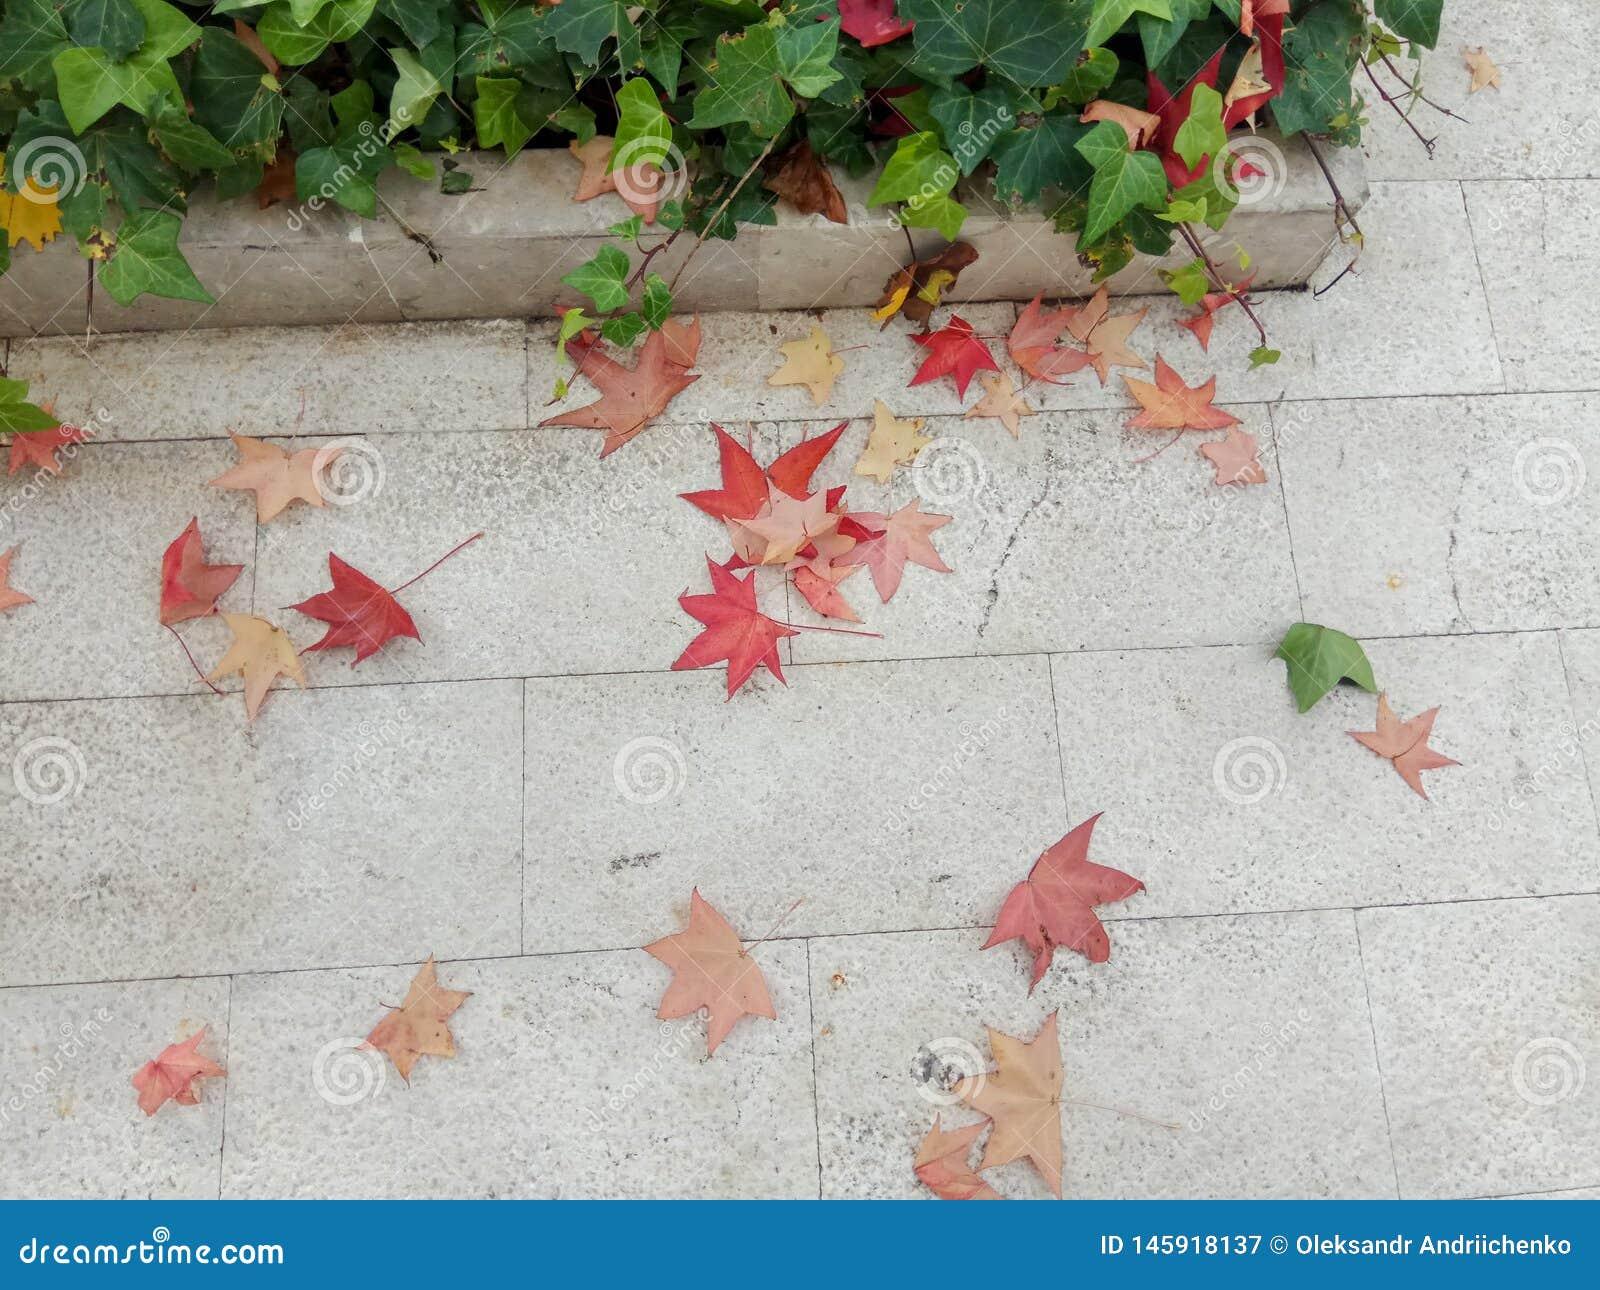 Geel Gevallen Autumn Leaves op de Stoep bedekte met het Gazon van Gray Concrete Paving Stones en van het Gras Hoogste Mening